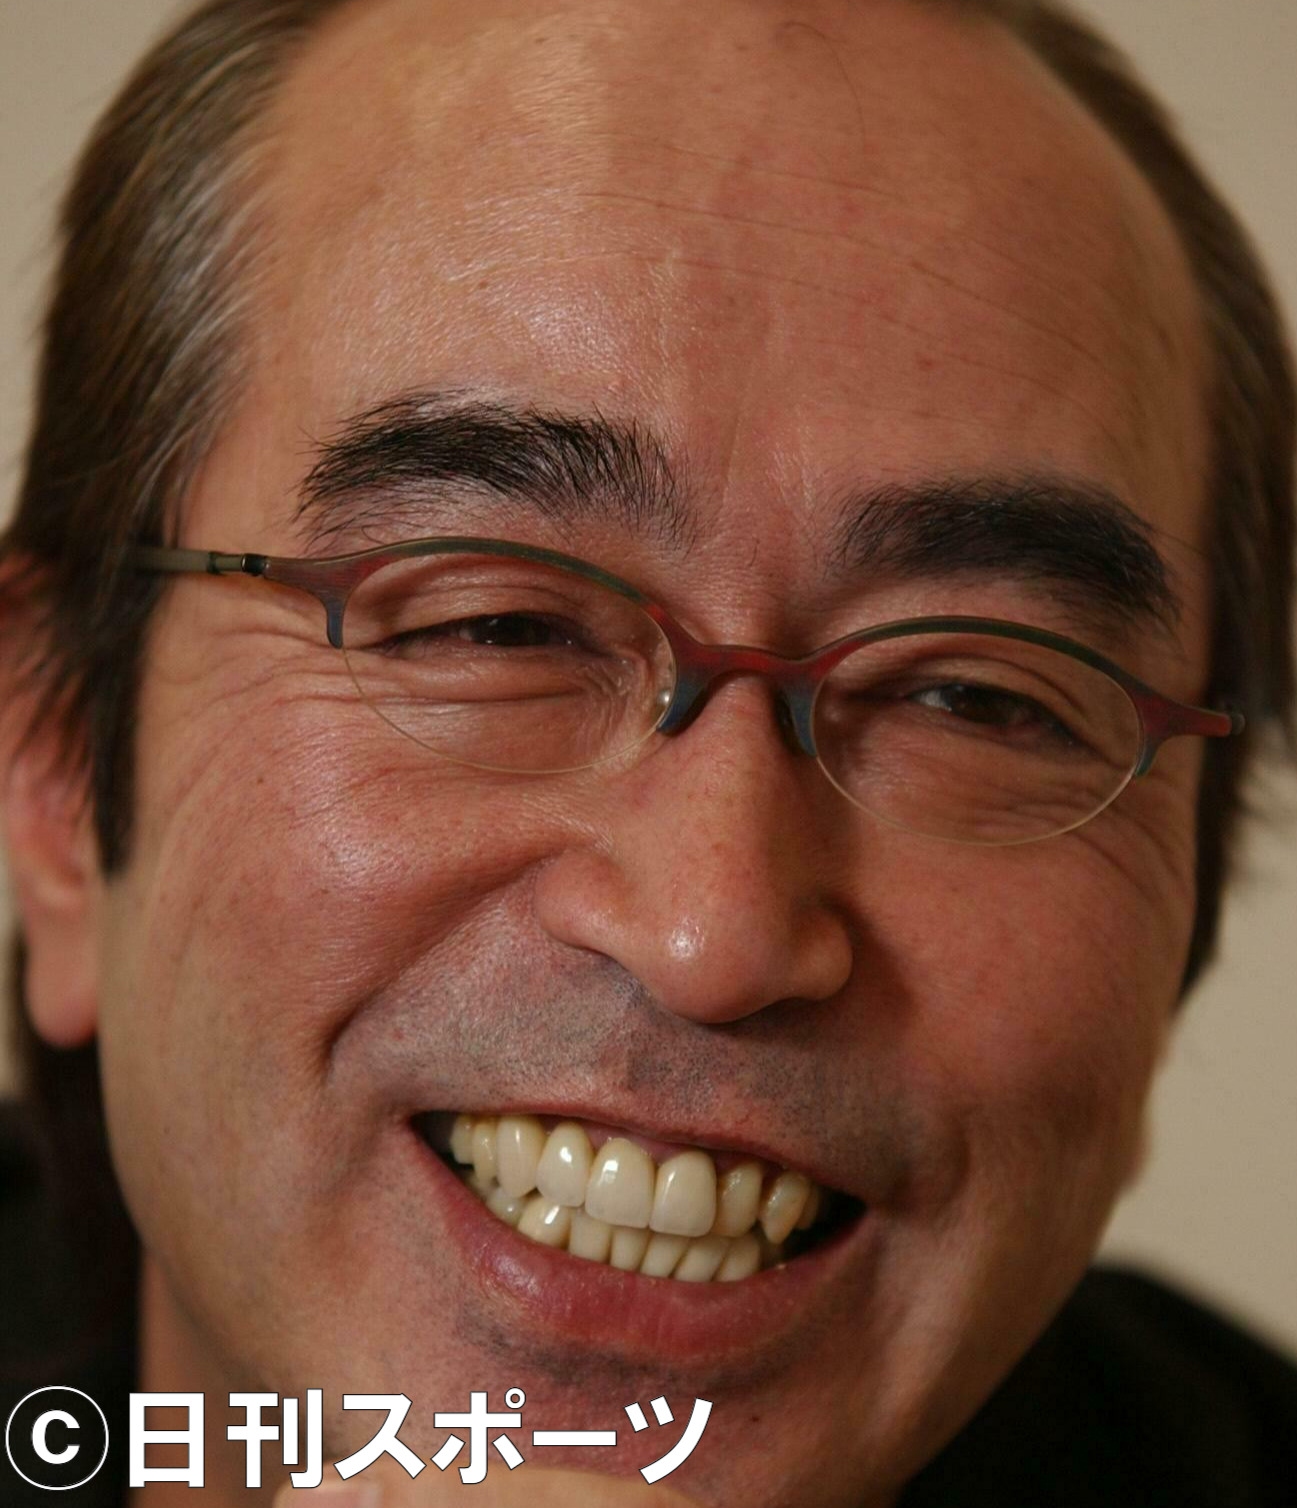 インタビューにこたえる志村けん(2003年12月24日撮影)